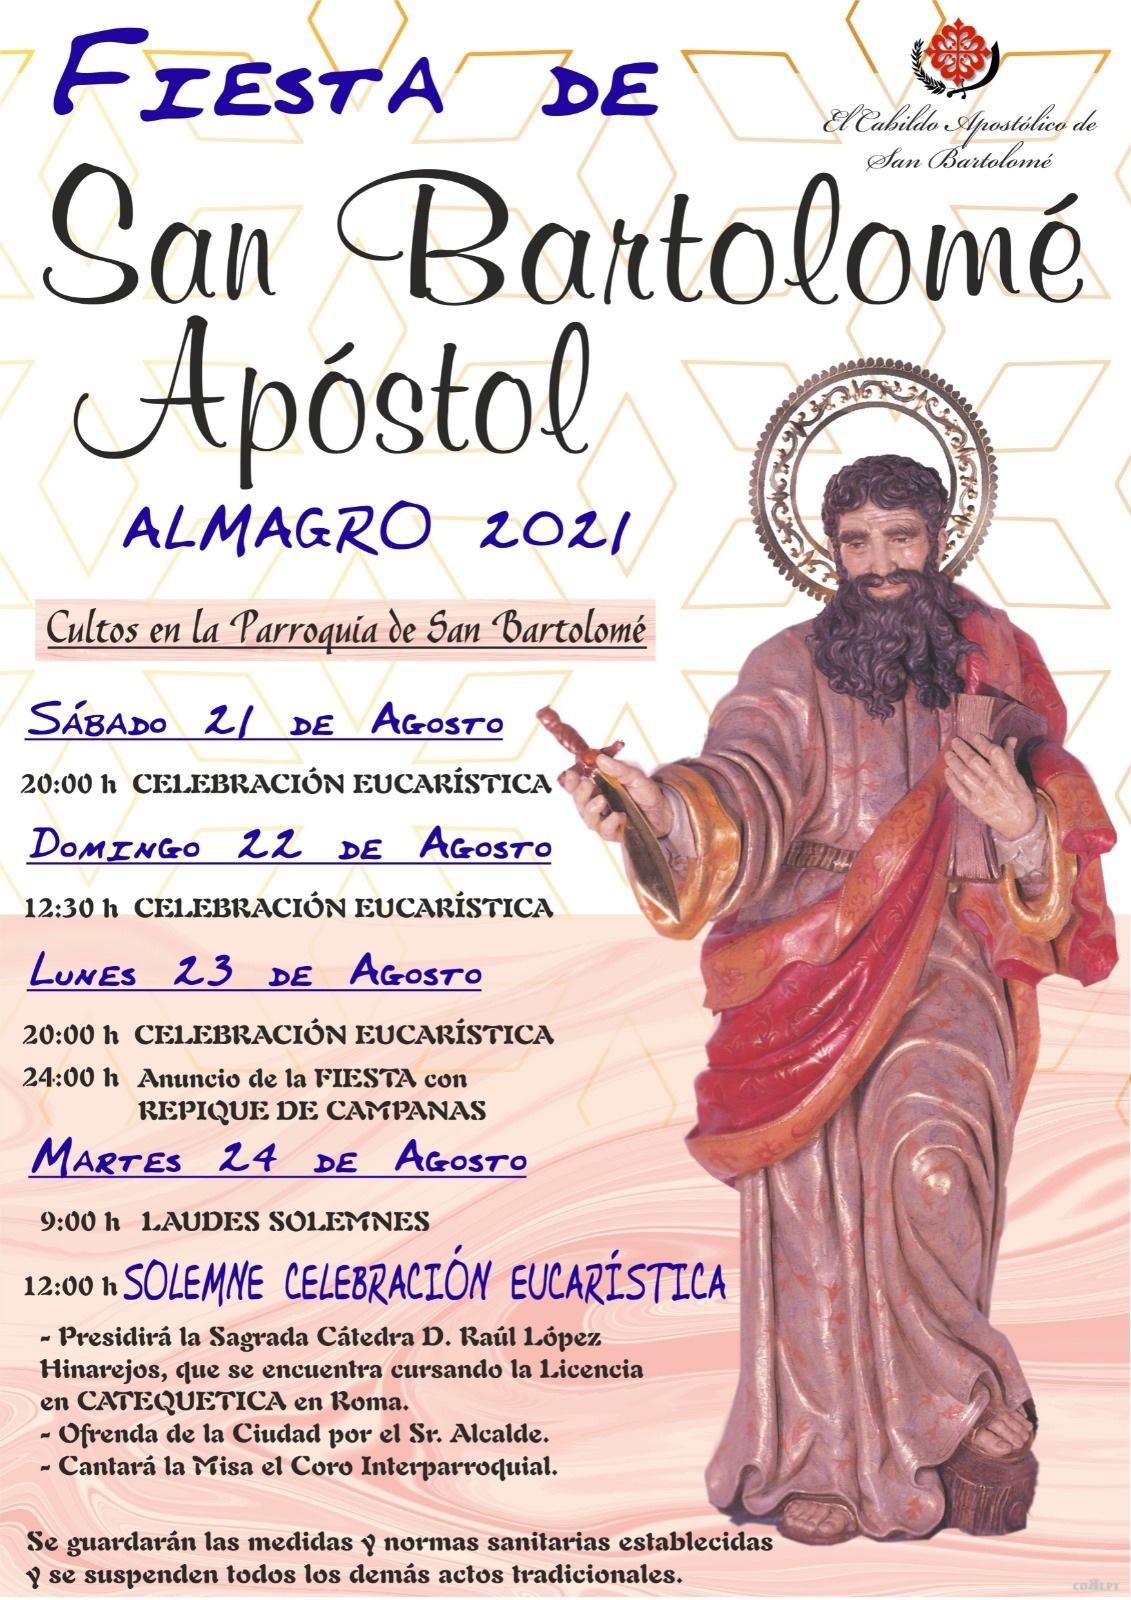 El Cabildo Apostólico de San Bartolomé informa de los actos litúrgicos en honor del patrón de Almagro